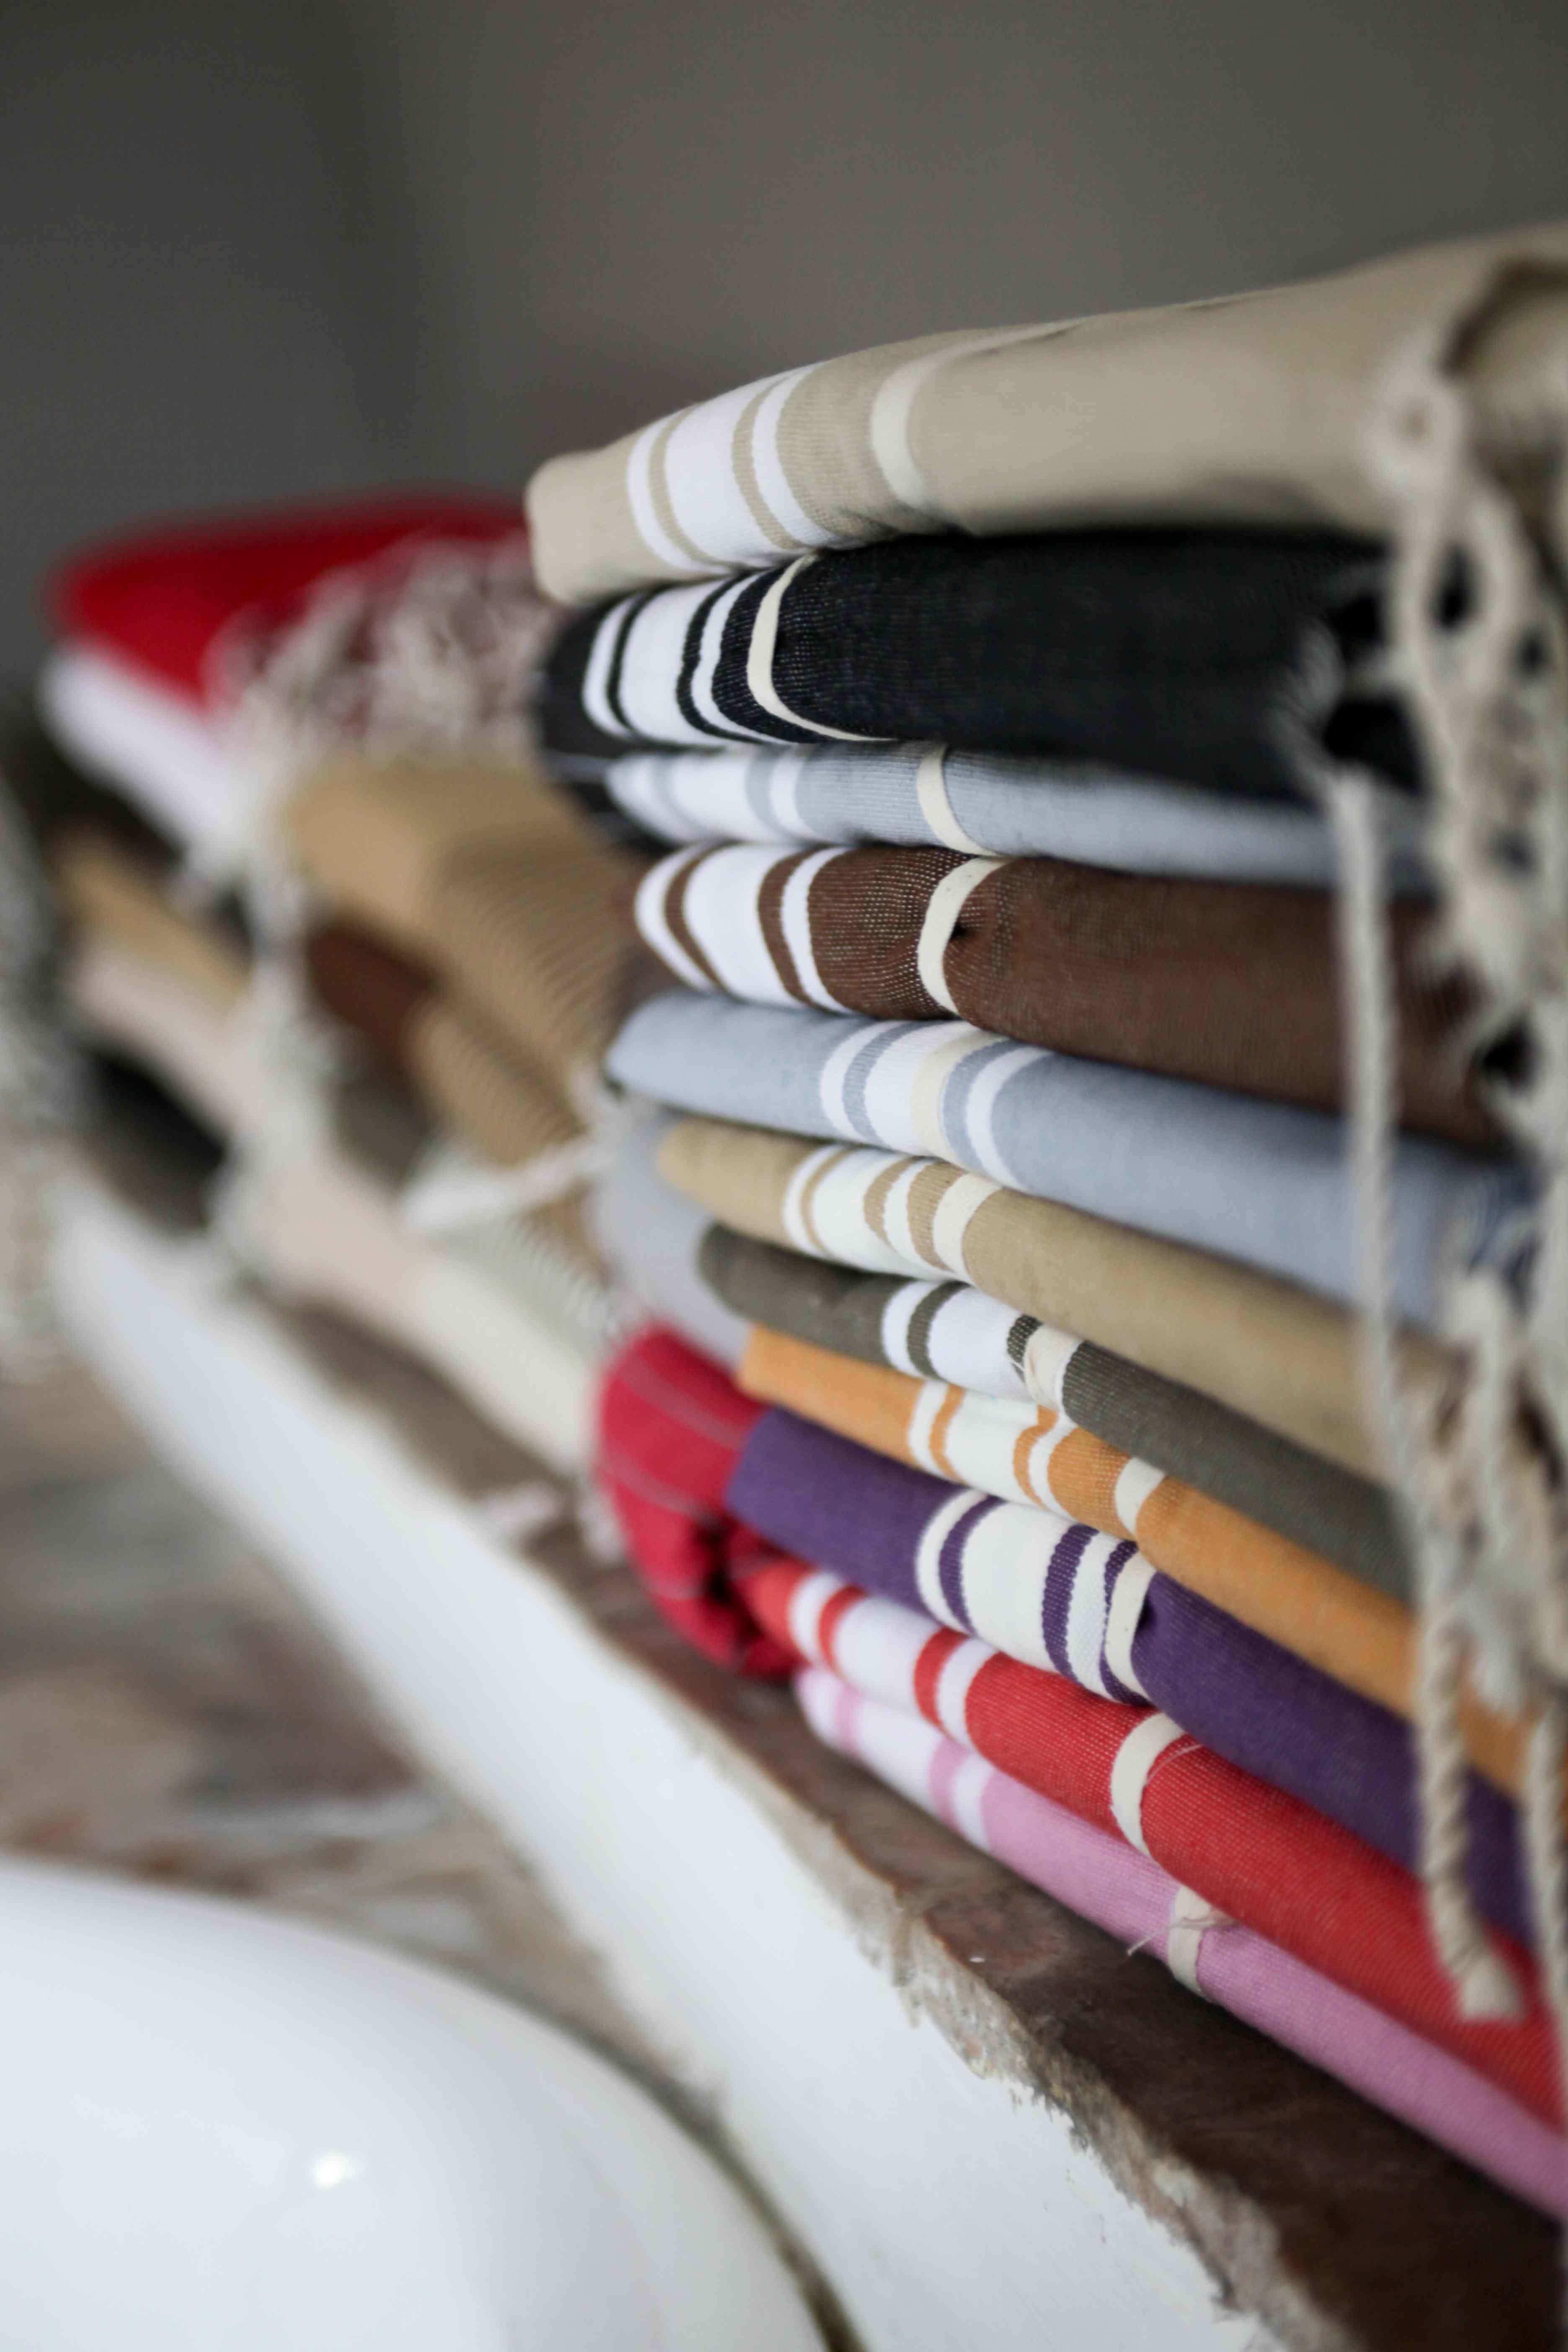 15b9bf5897148 ... la boutique Zandaraa développe au fil des saisons une gamme  d'accessoires bain, déco et bébé, en associant le coton authentique et  naturel des foutas ...